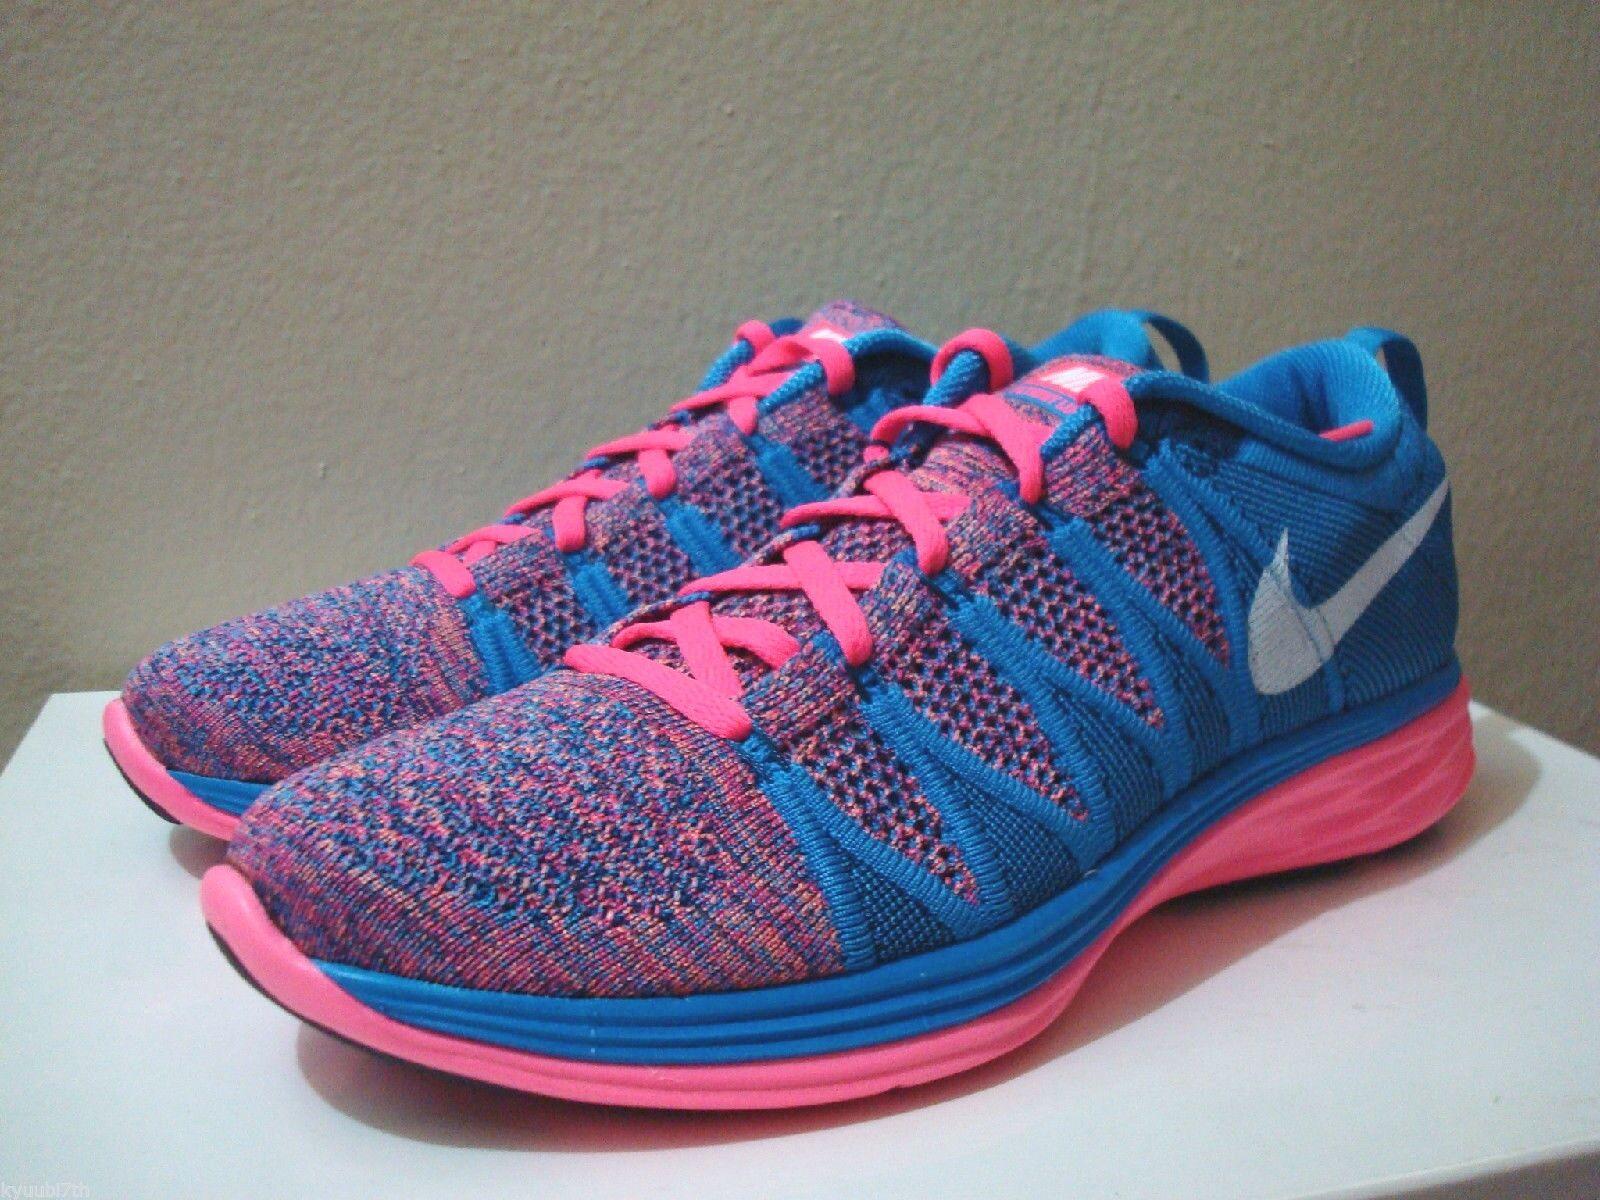 Nike Flyknit Lunar 2 running shoes, nike Flyknit Lunar 3 nike running shoes